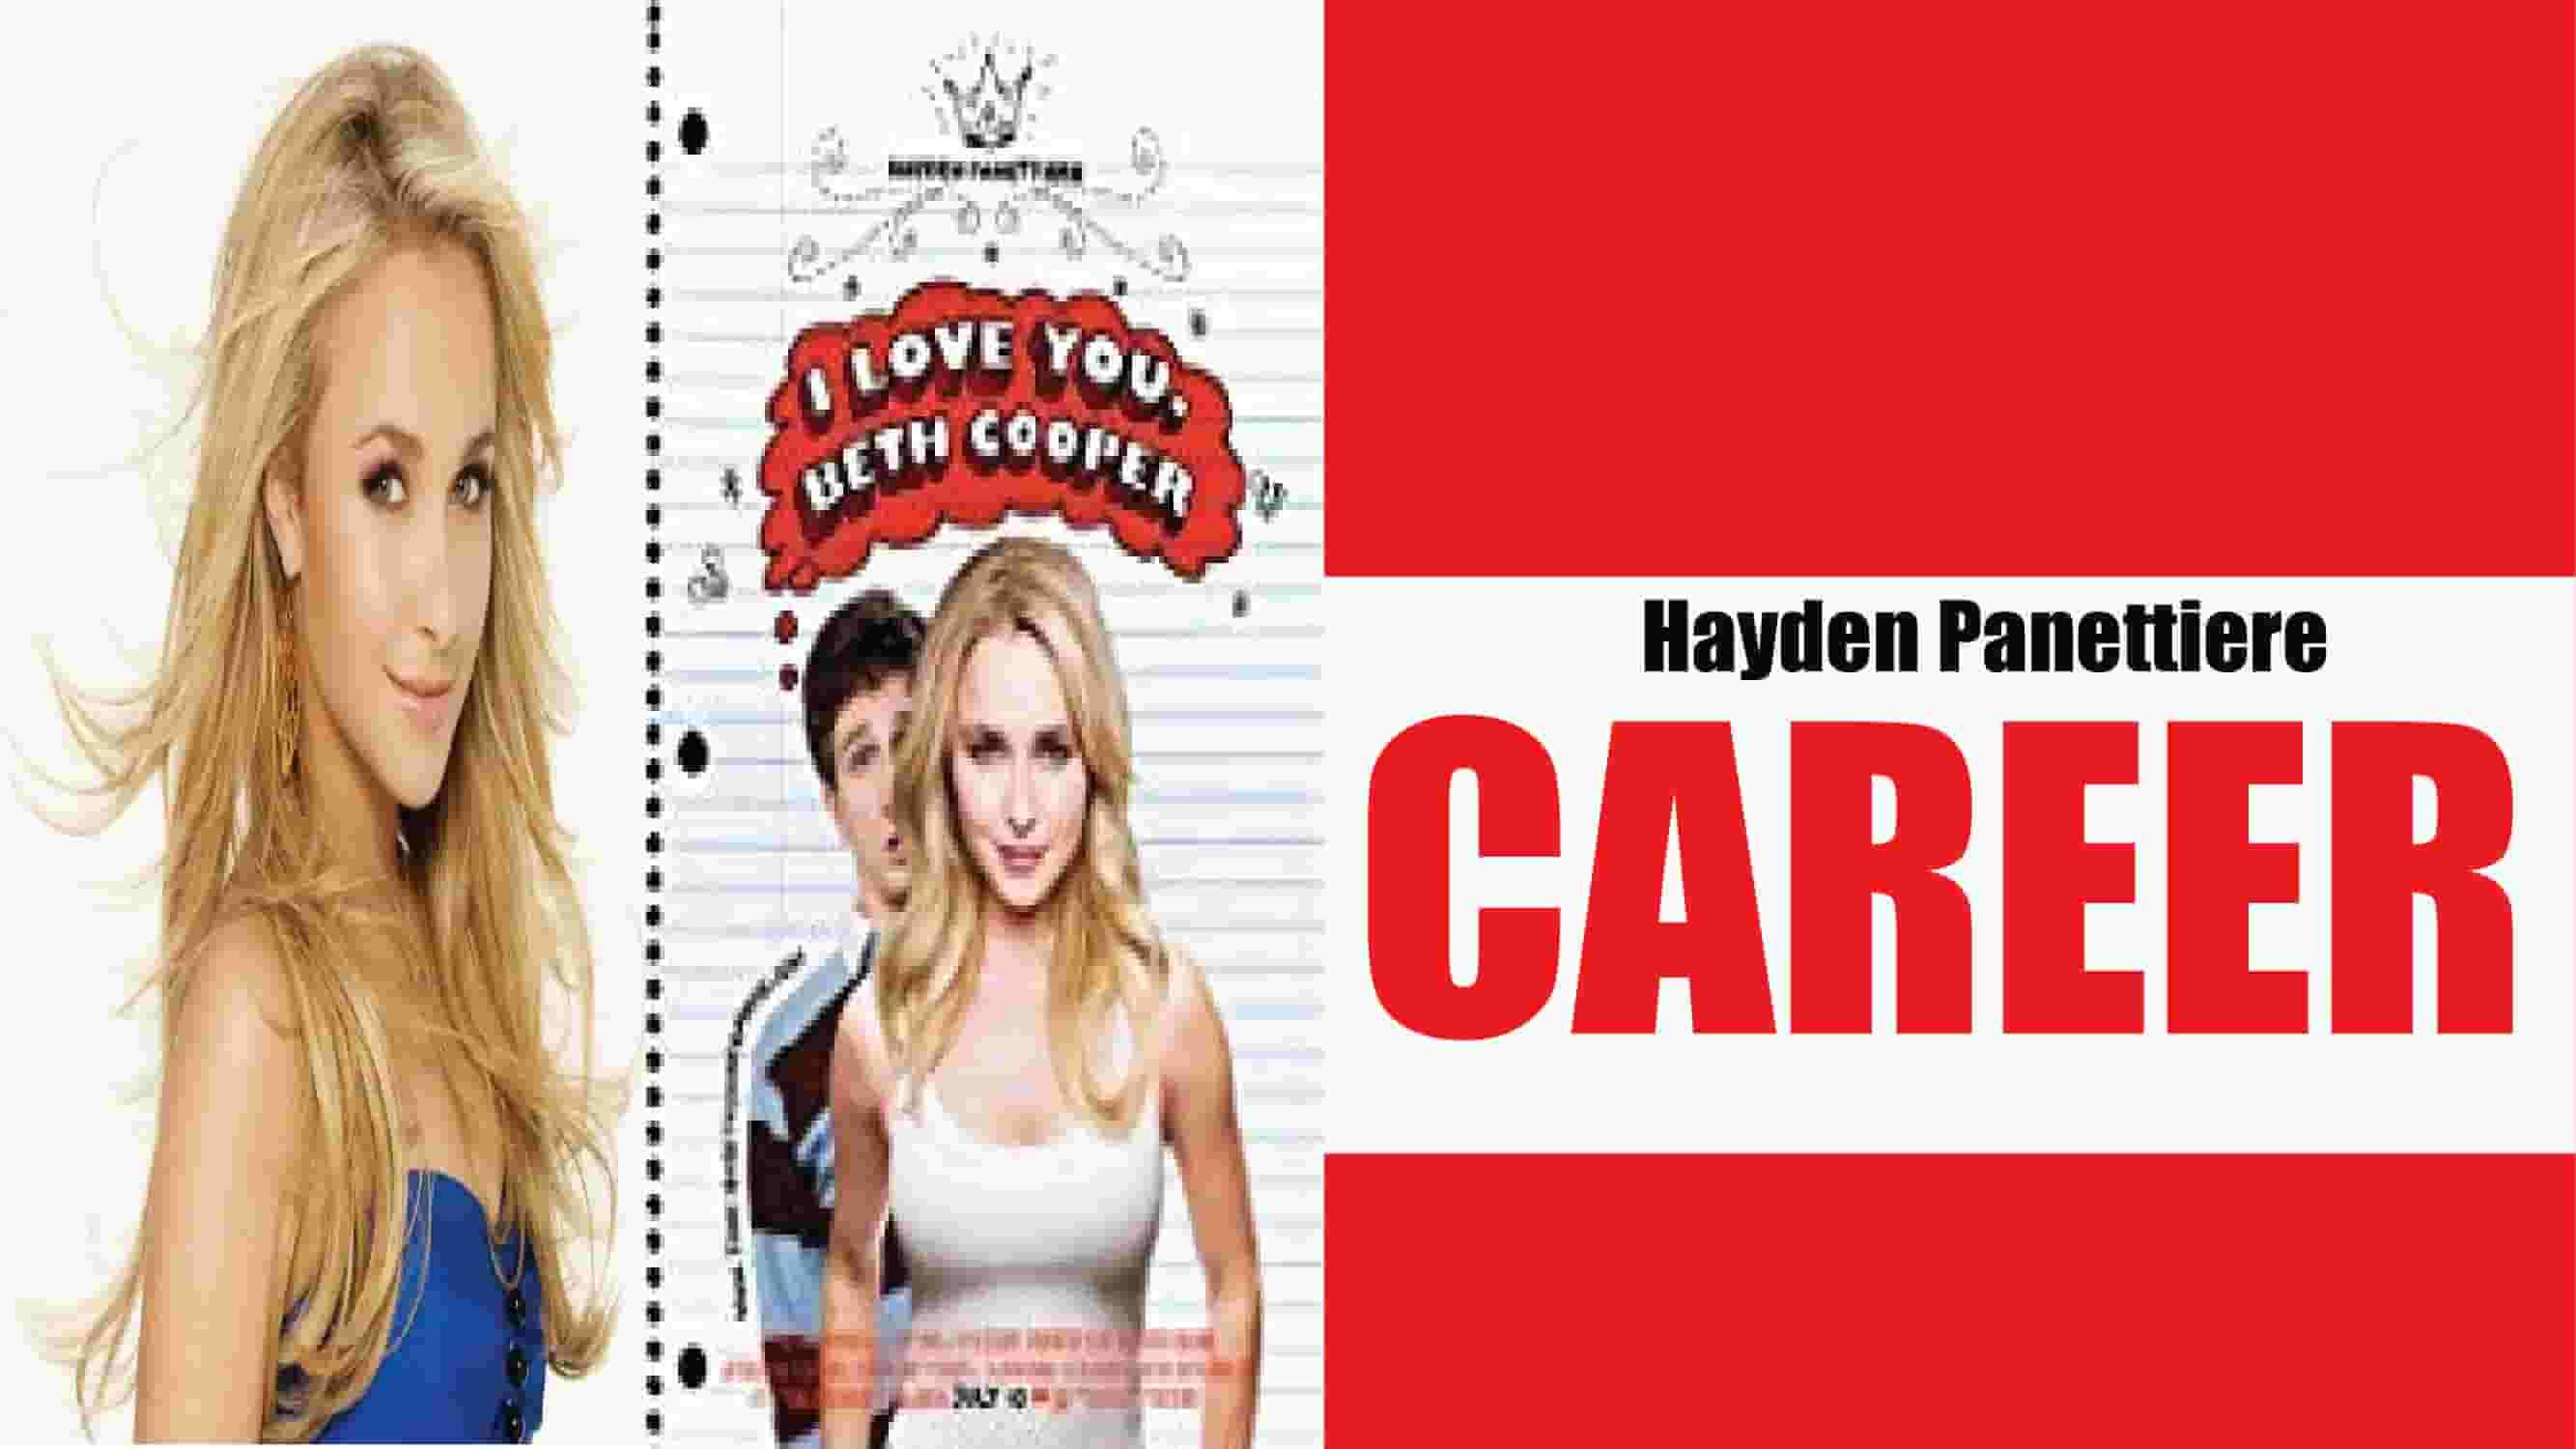 Hayden Panettiere Career